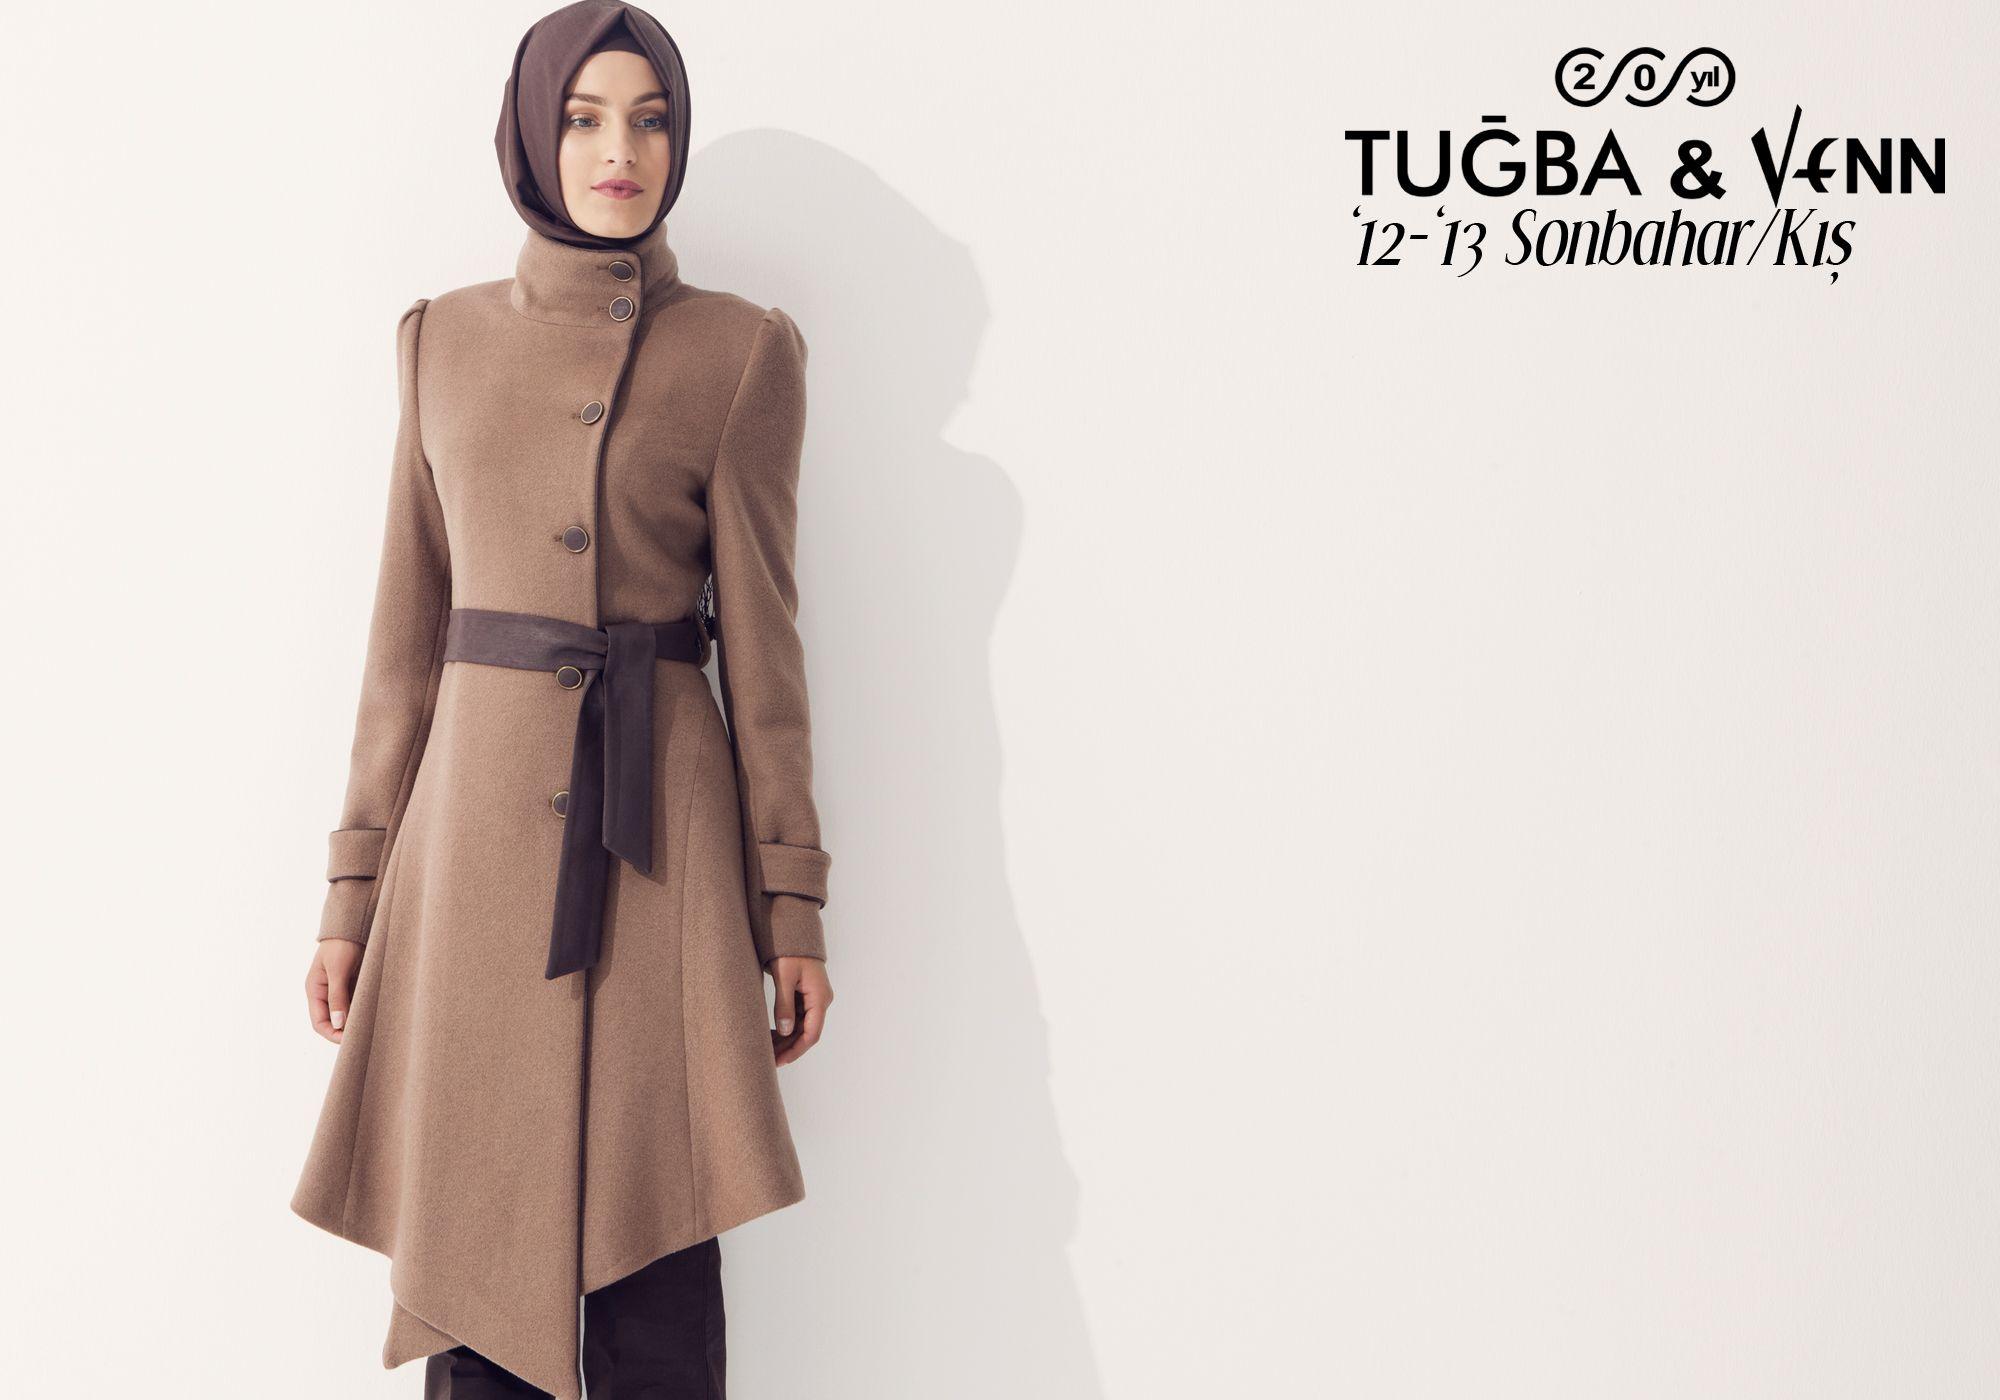 Tuğba u venn uu sonbaharkış hijab hijab fashion